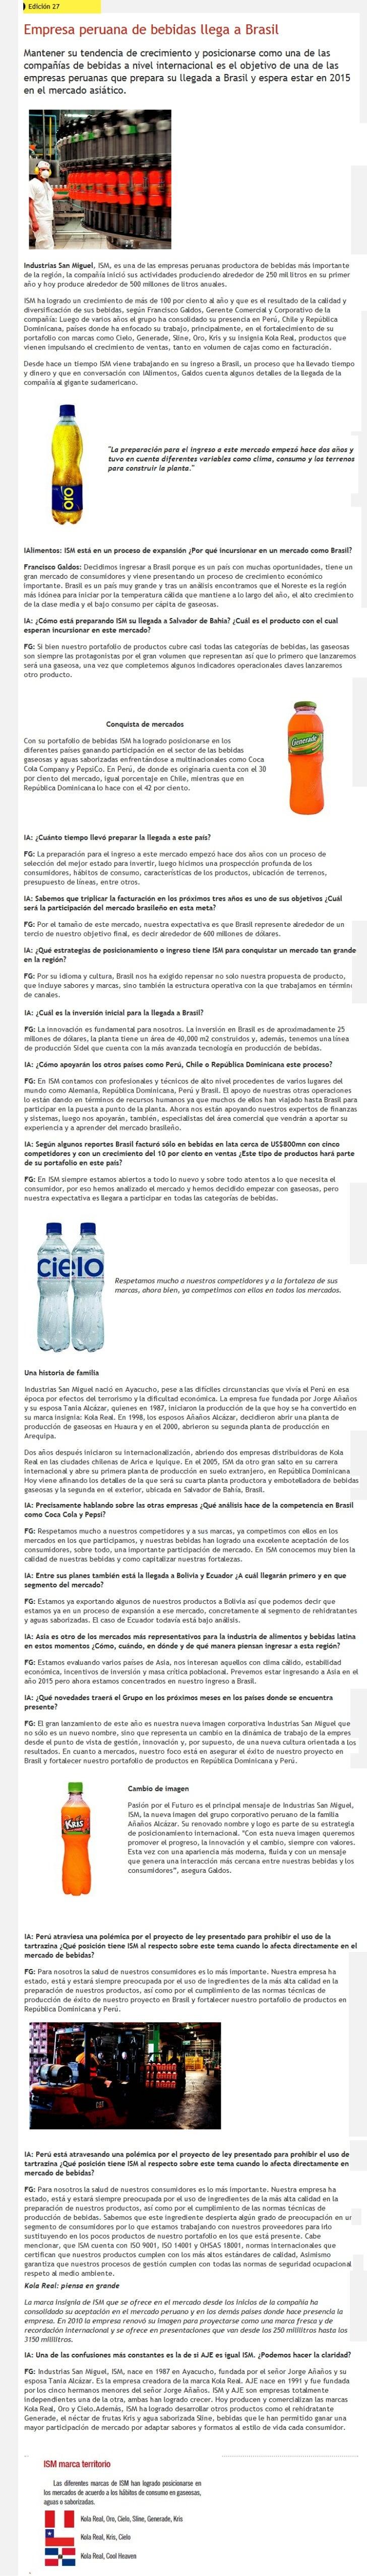 Revista alimentos - Empresa peruana de bebidas llega a Brasil